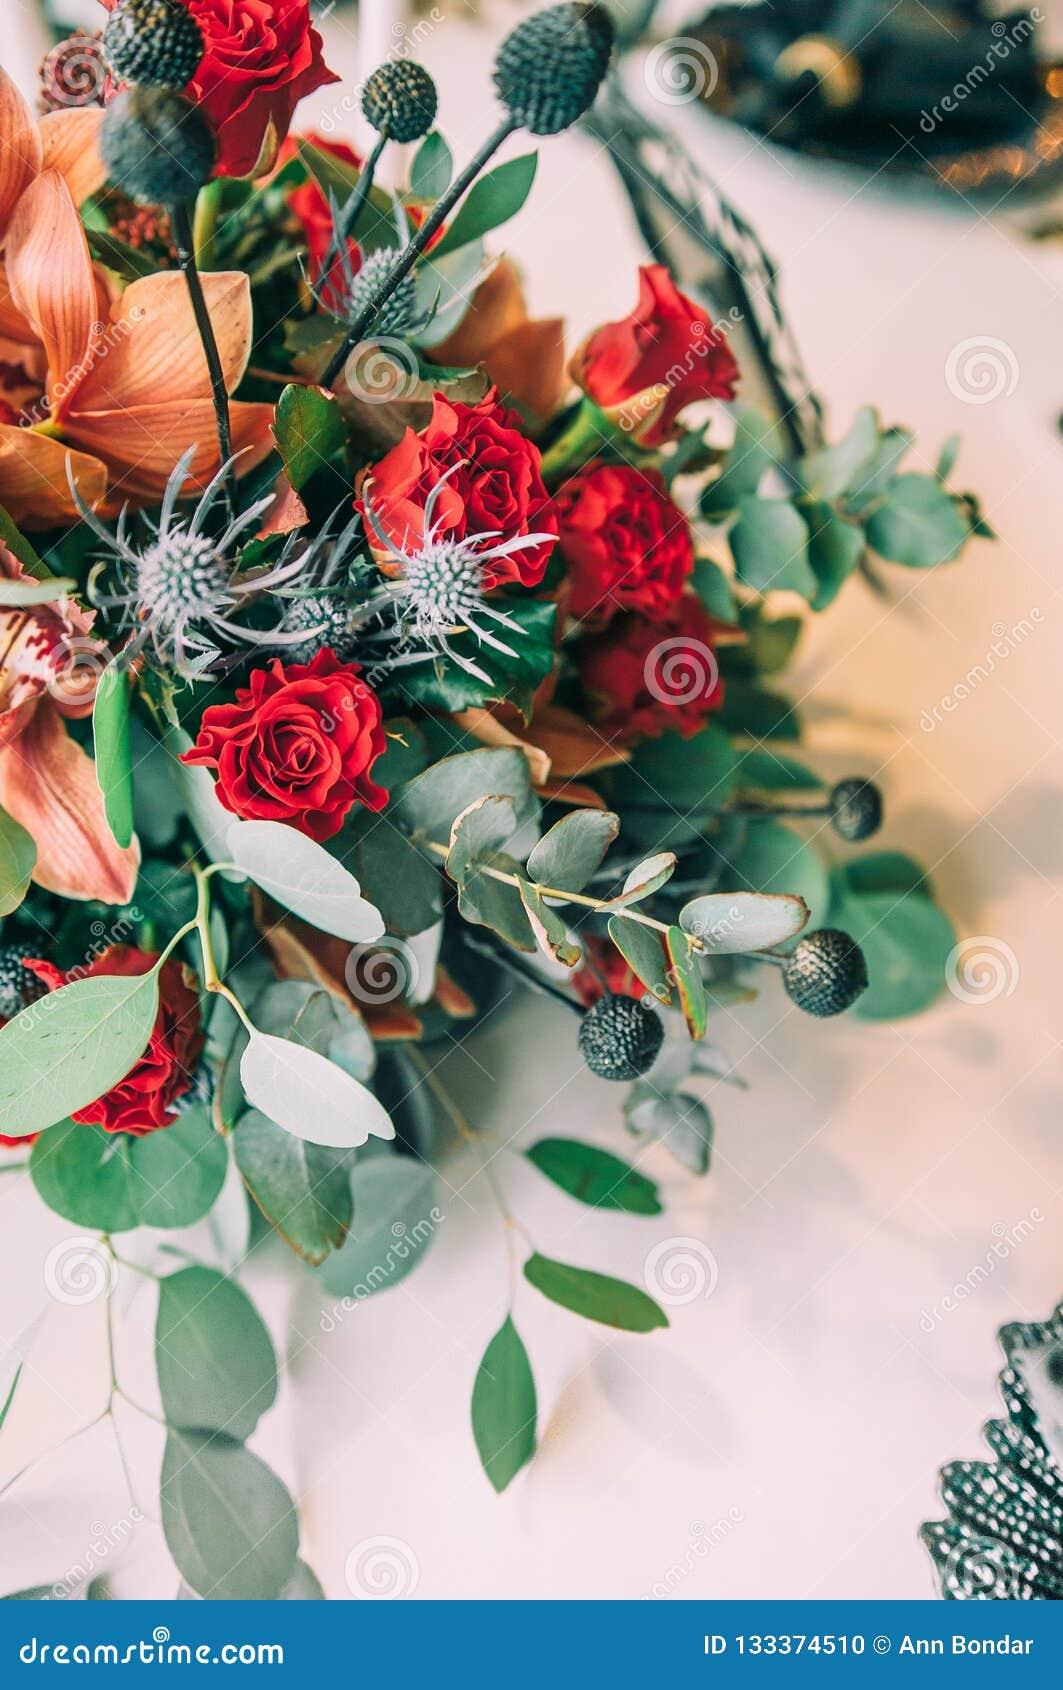 Autumn Wedding Decoration And Wedding Bouquet Stock Photo Image